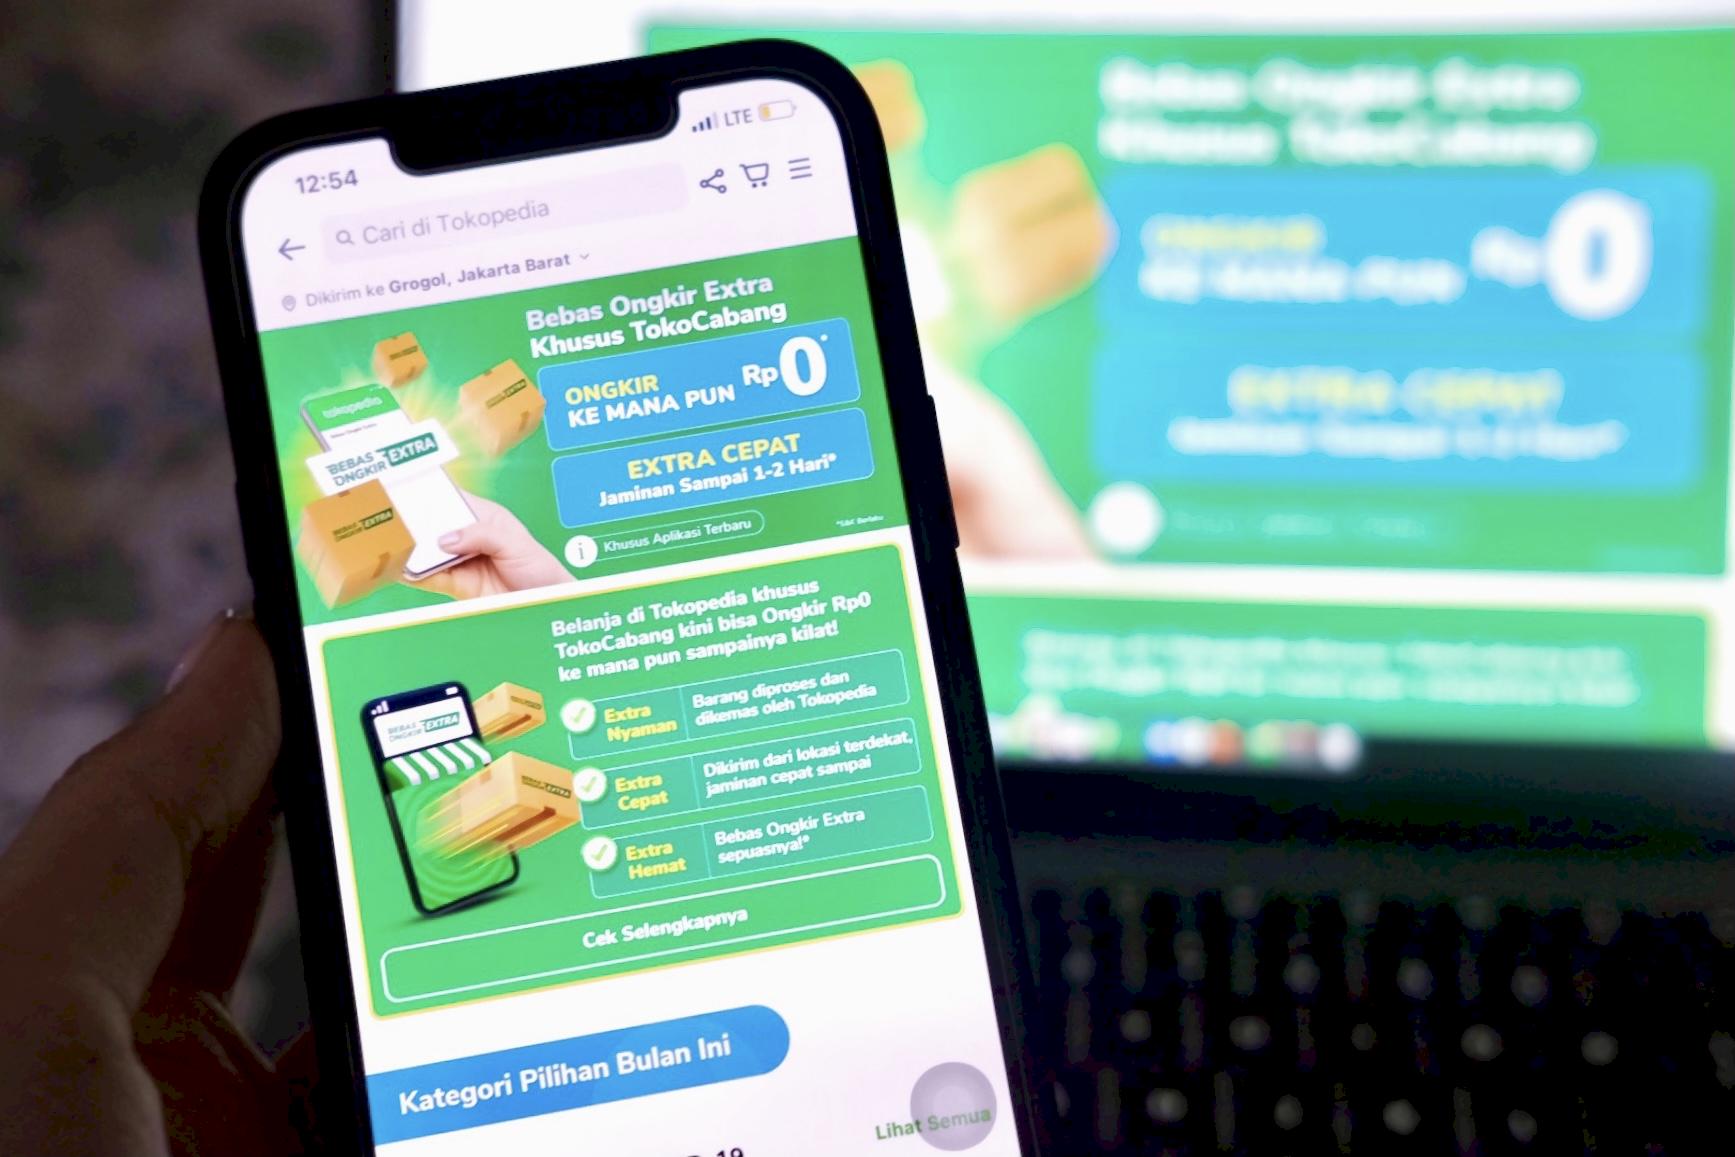 Genjot Kenaikan Transaksi Penjual hingga 26 Kali Lipat, Tokopedia Kembali Hadirkan Program BTS Photocard